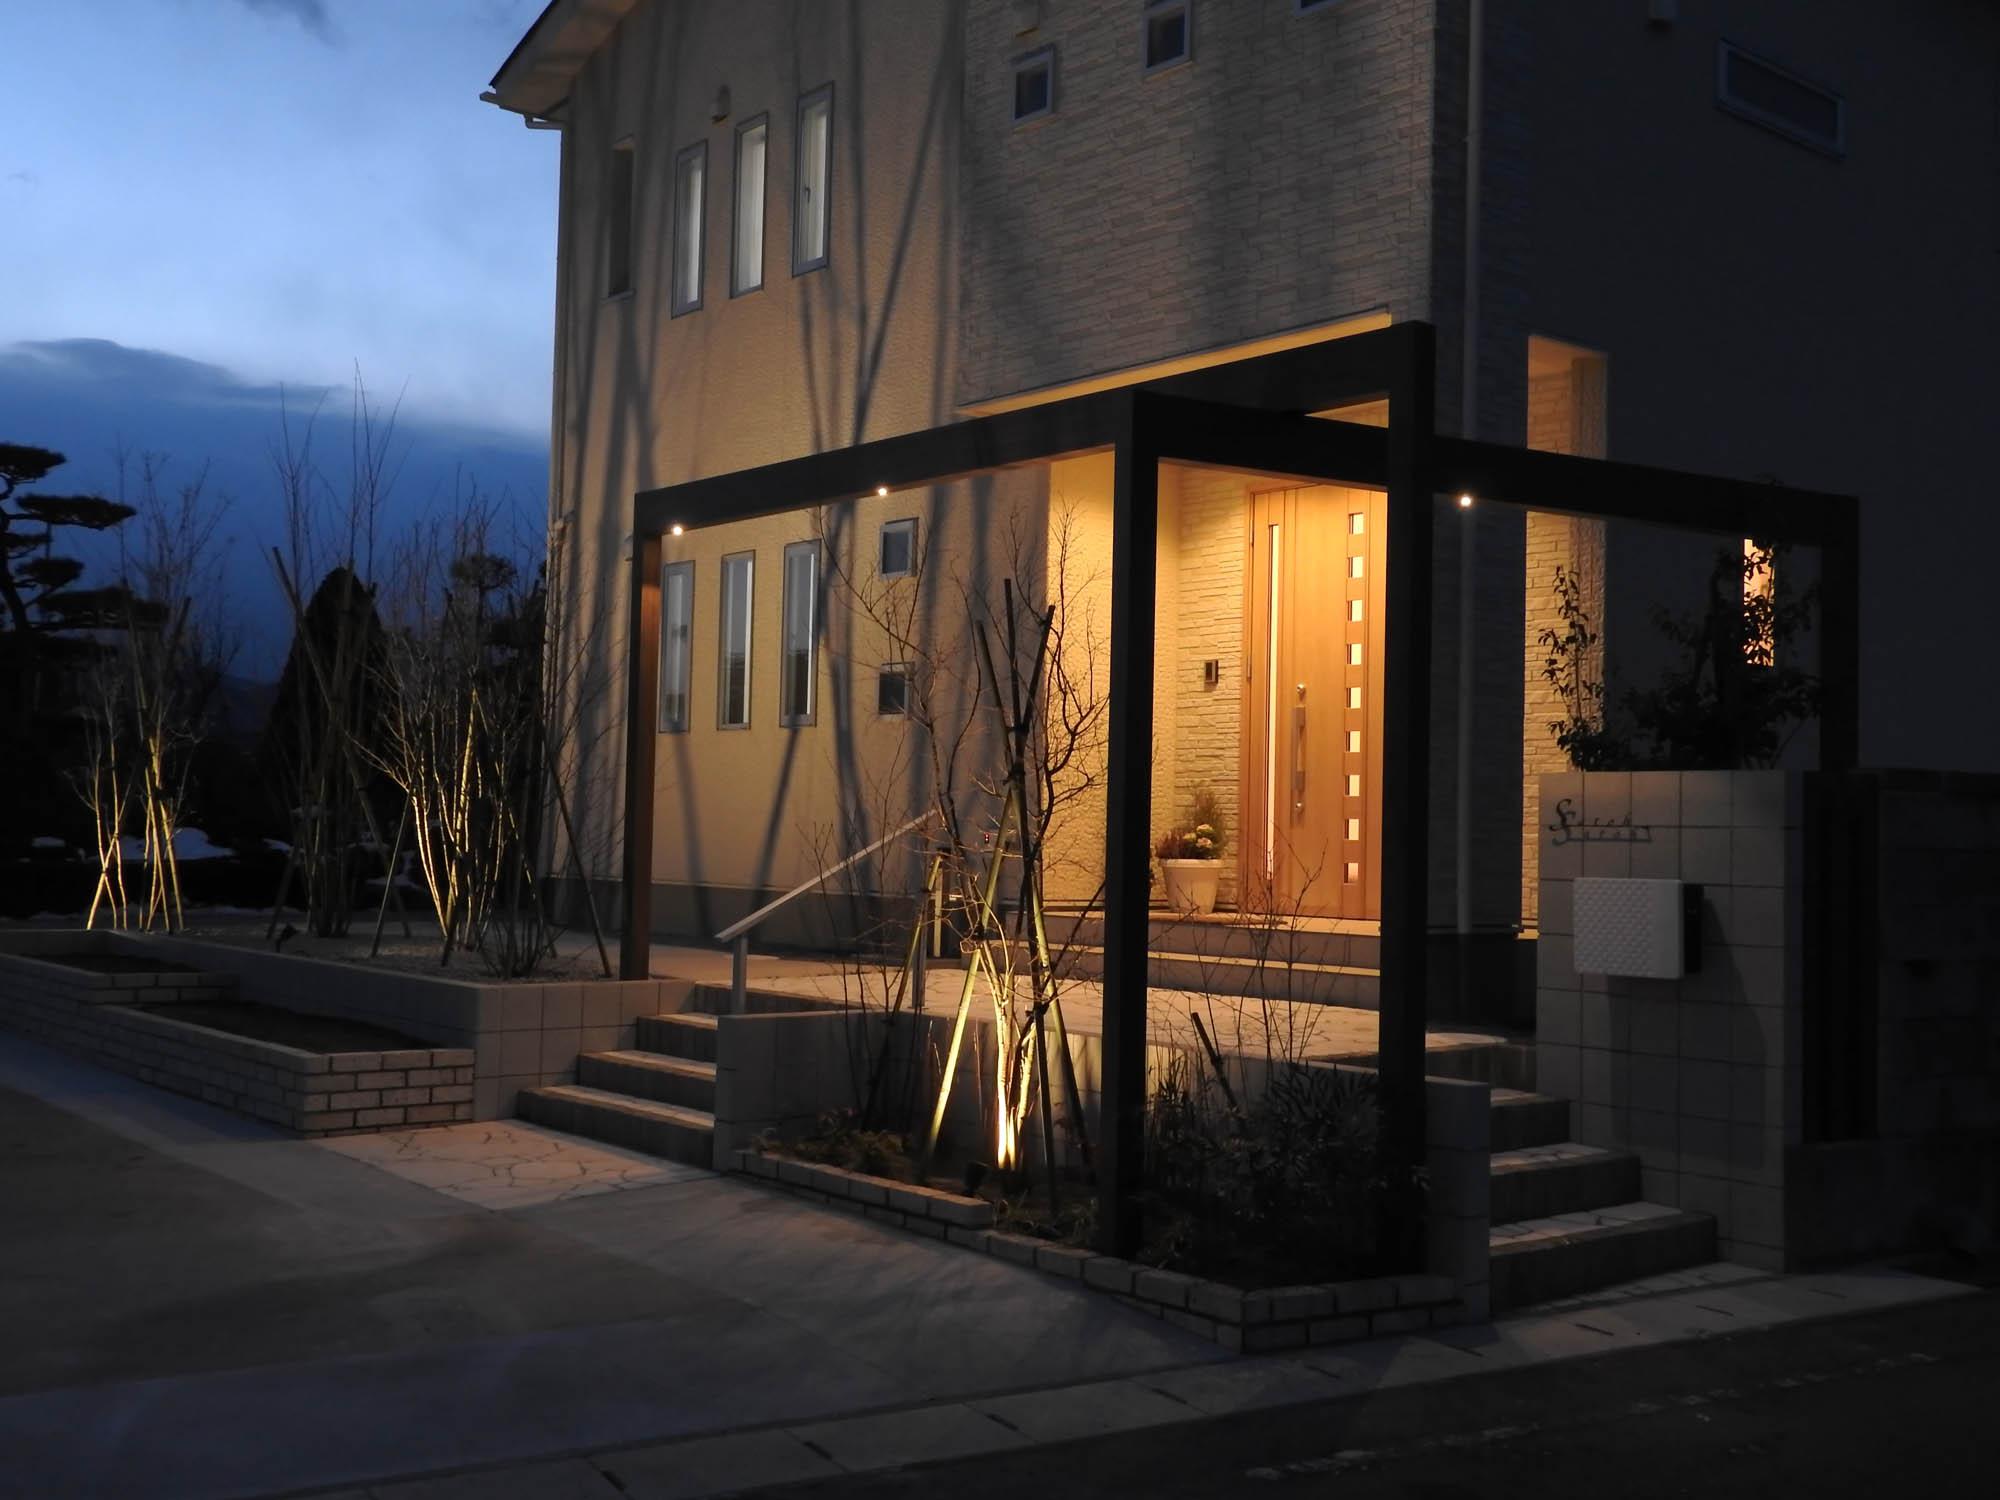 家のファサードに枯れ木の影をシャドーライティングした写真